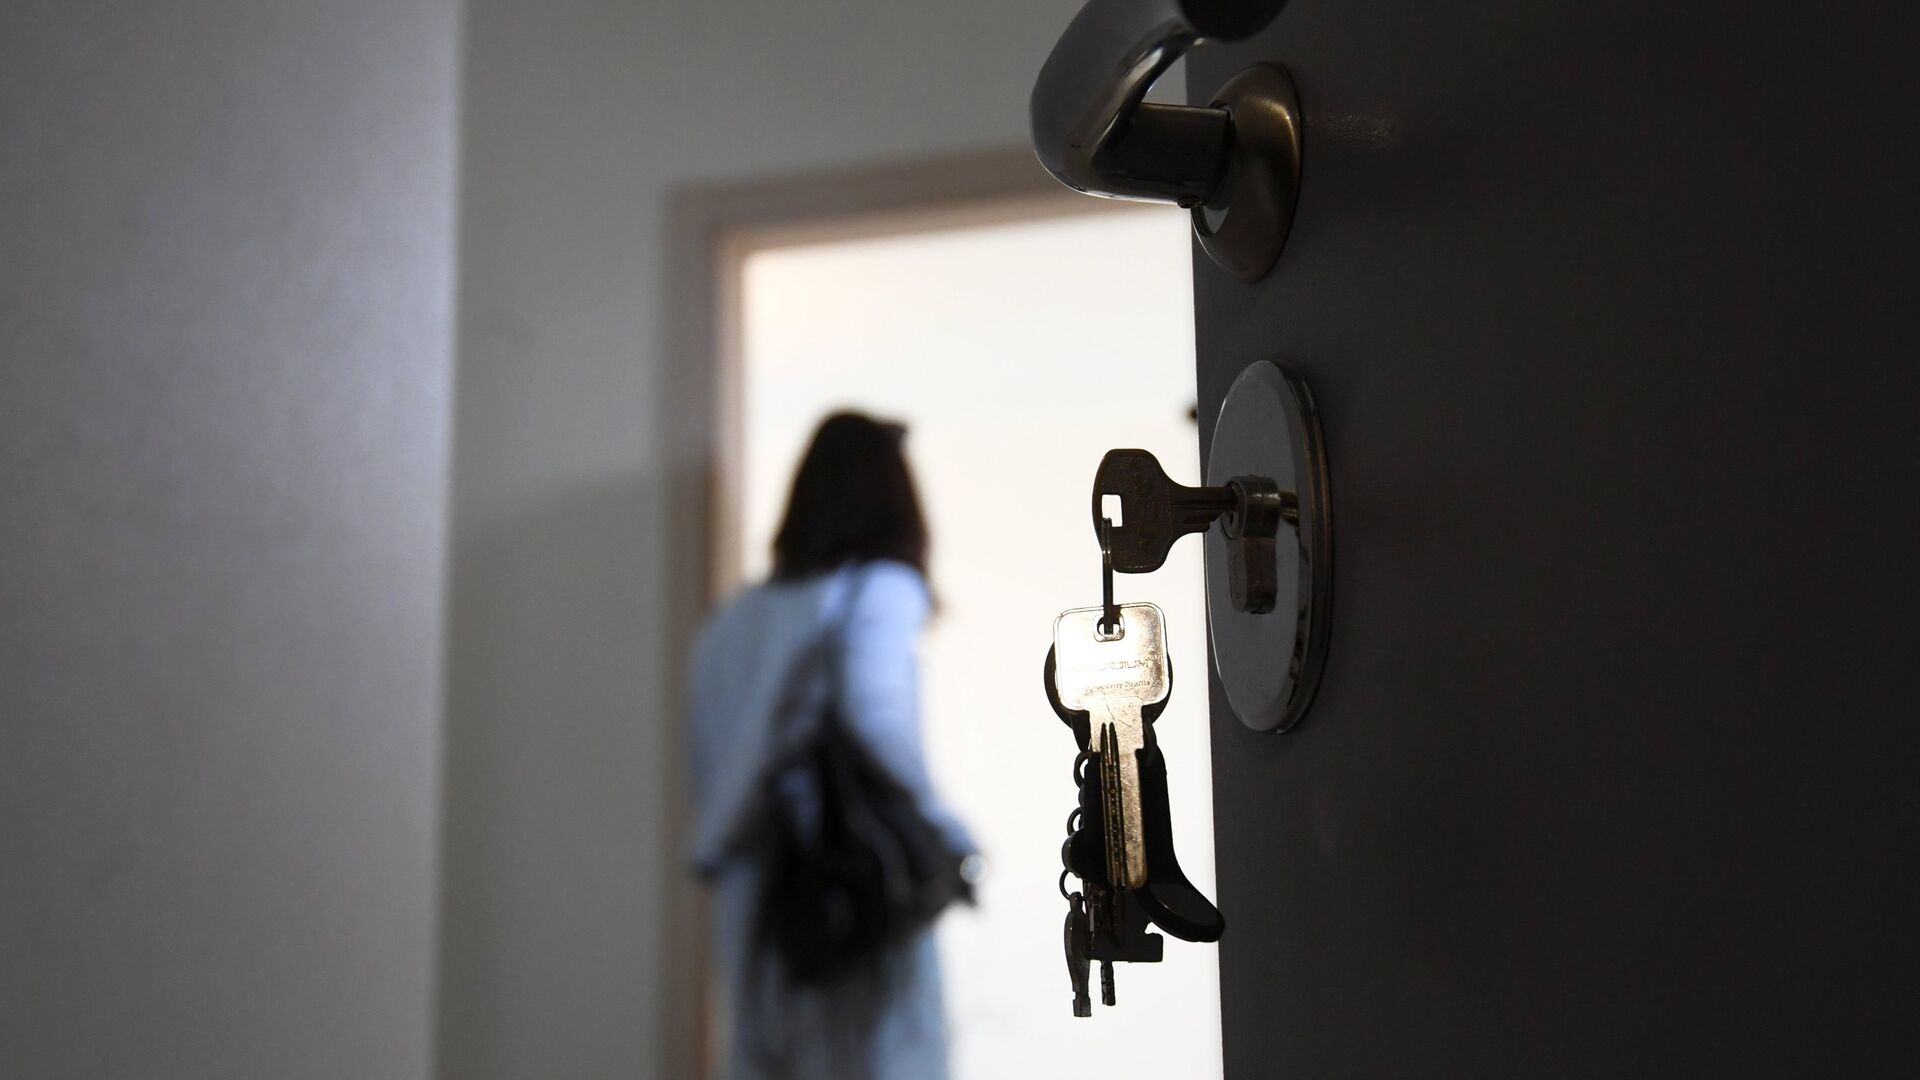 Входная дверь квартиры в новостройке - РИА Новости, 1920, 26.05.2021